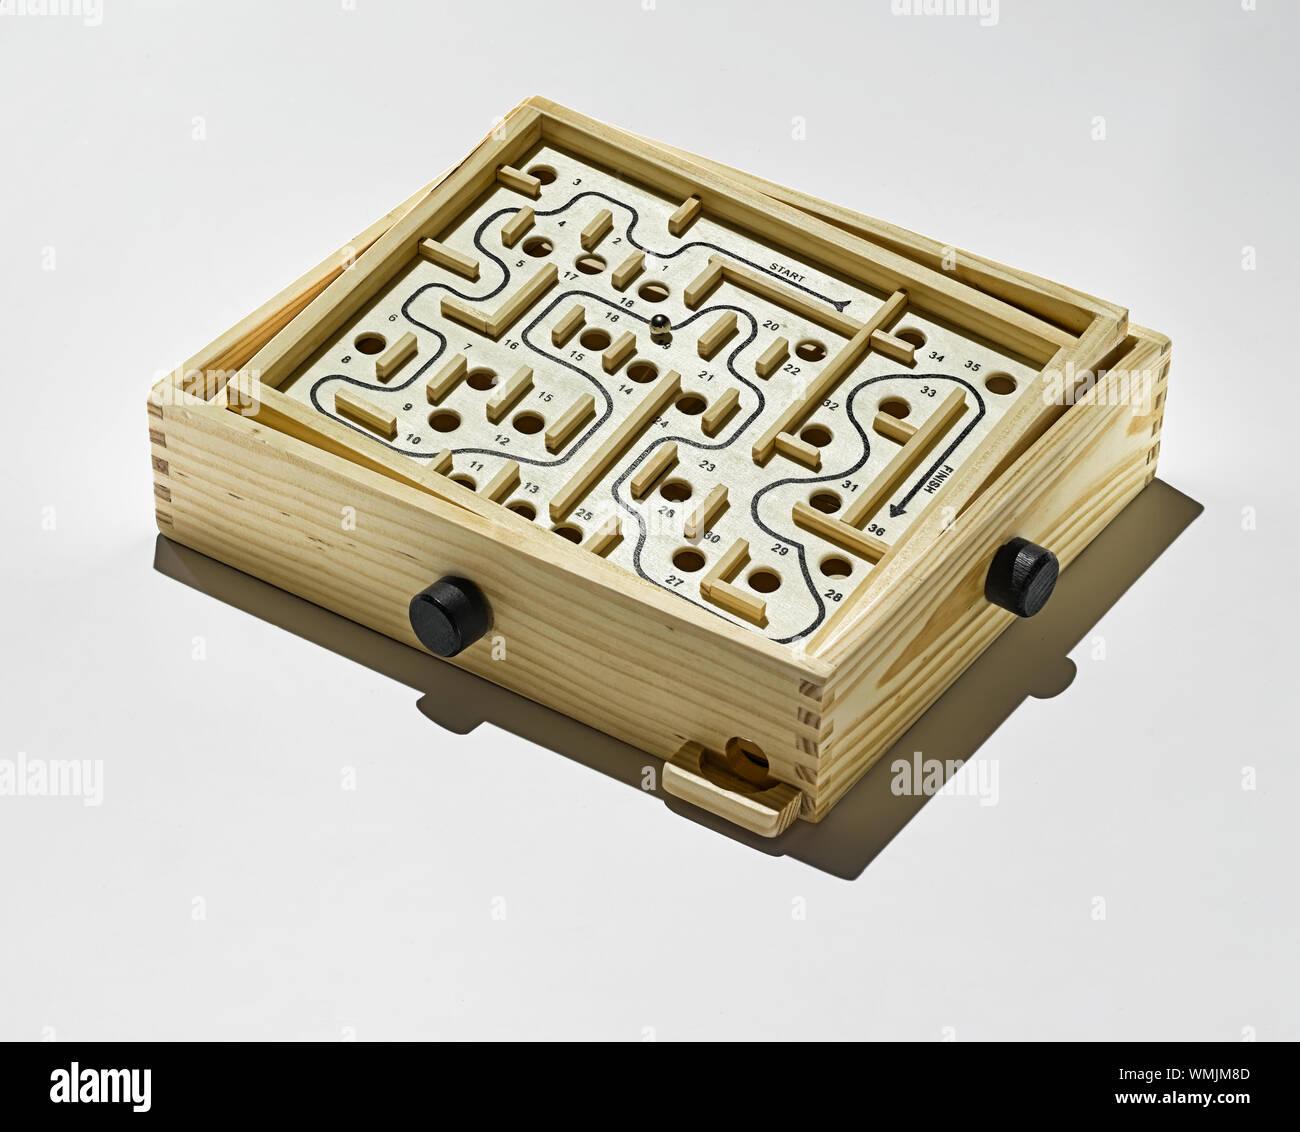 Labyrinth-spiel, Holz- Labyrinth Spiel auf neutralem Hintergrund. Stockfoto